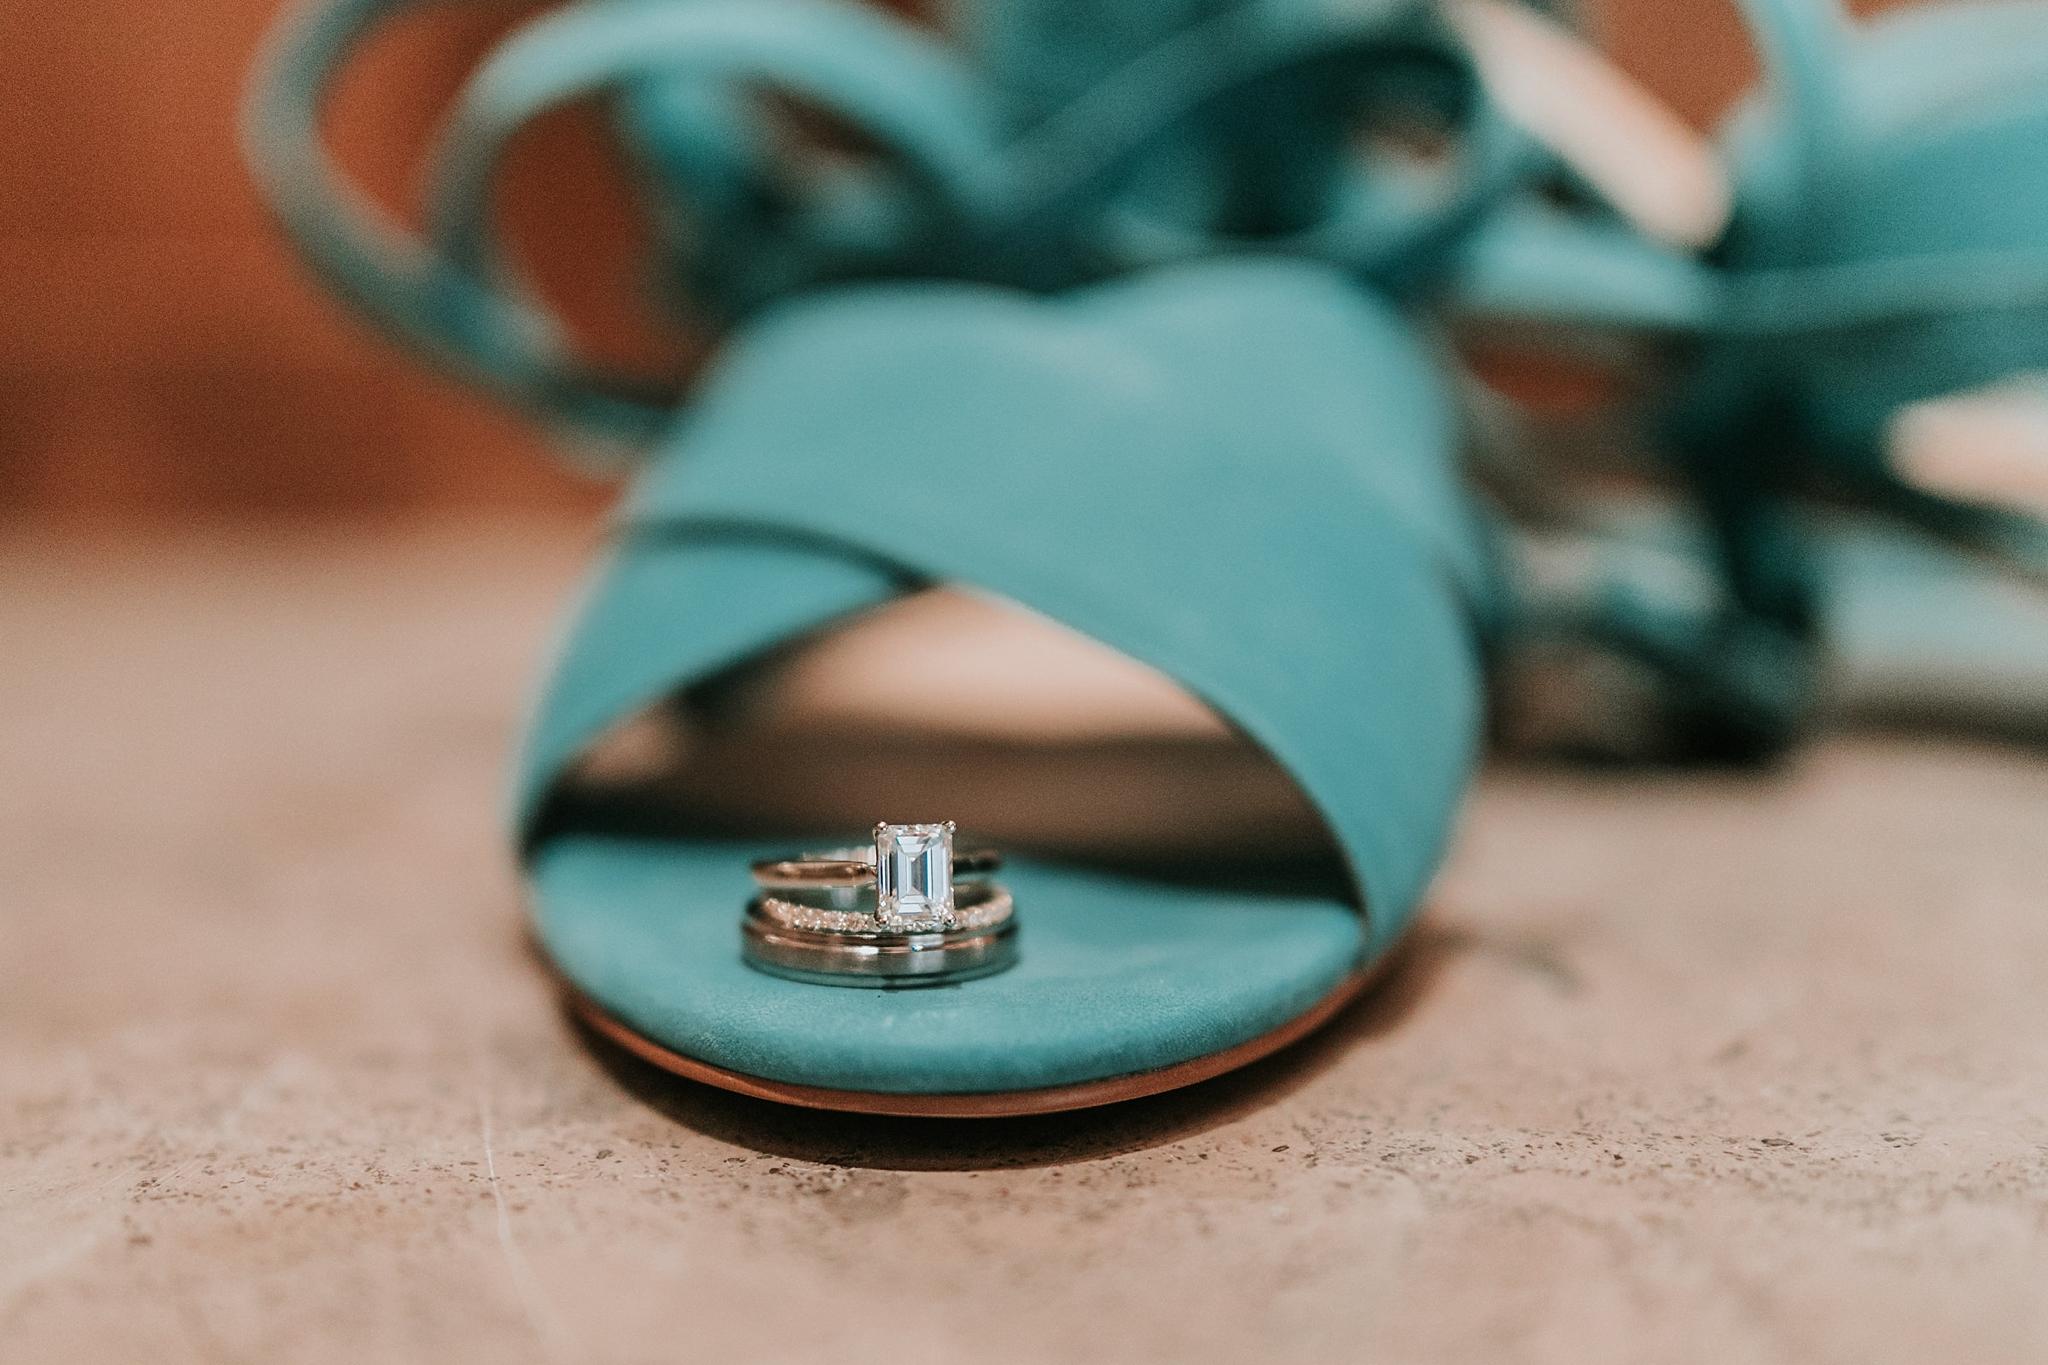 Alicia+lucia+photography+-+albuquerque+wedding+photographer+-+santa+fe+wedding+photography+-+new+mexico+wedding+photographer+-+new+mexico+wedding+-+santa+fe+wedding+-+albuquerque+wedding+-+wedding+rings+-+engagement+rings_0024.jpg